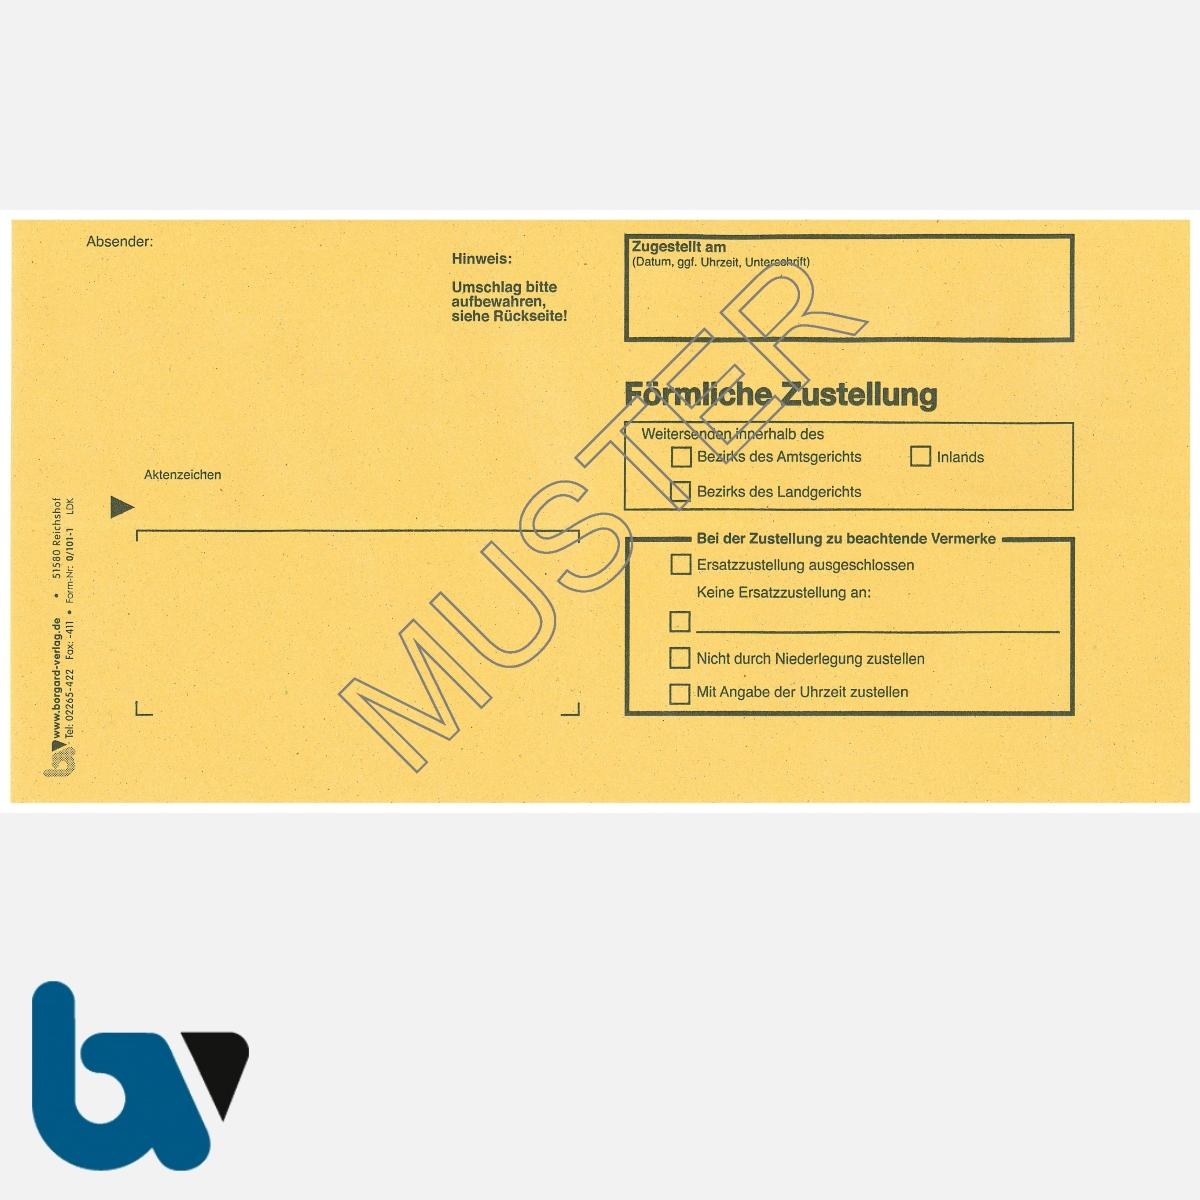 0/101-1 Förmliche Zustellung - Innerer Umschlag, DIN lang, ohne Fenster, haftklebend, Vorderseite | Borgard Verlag GmbH